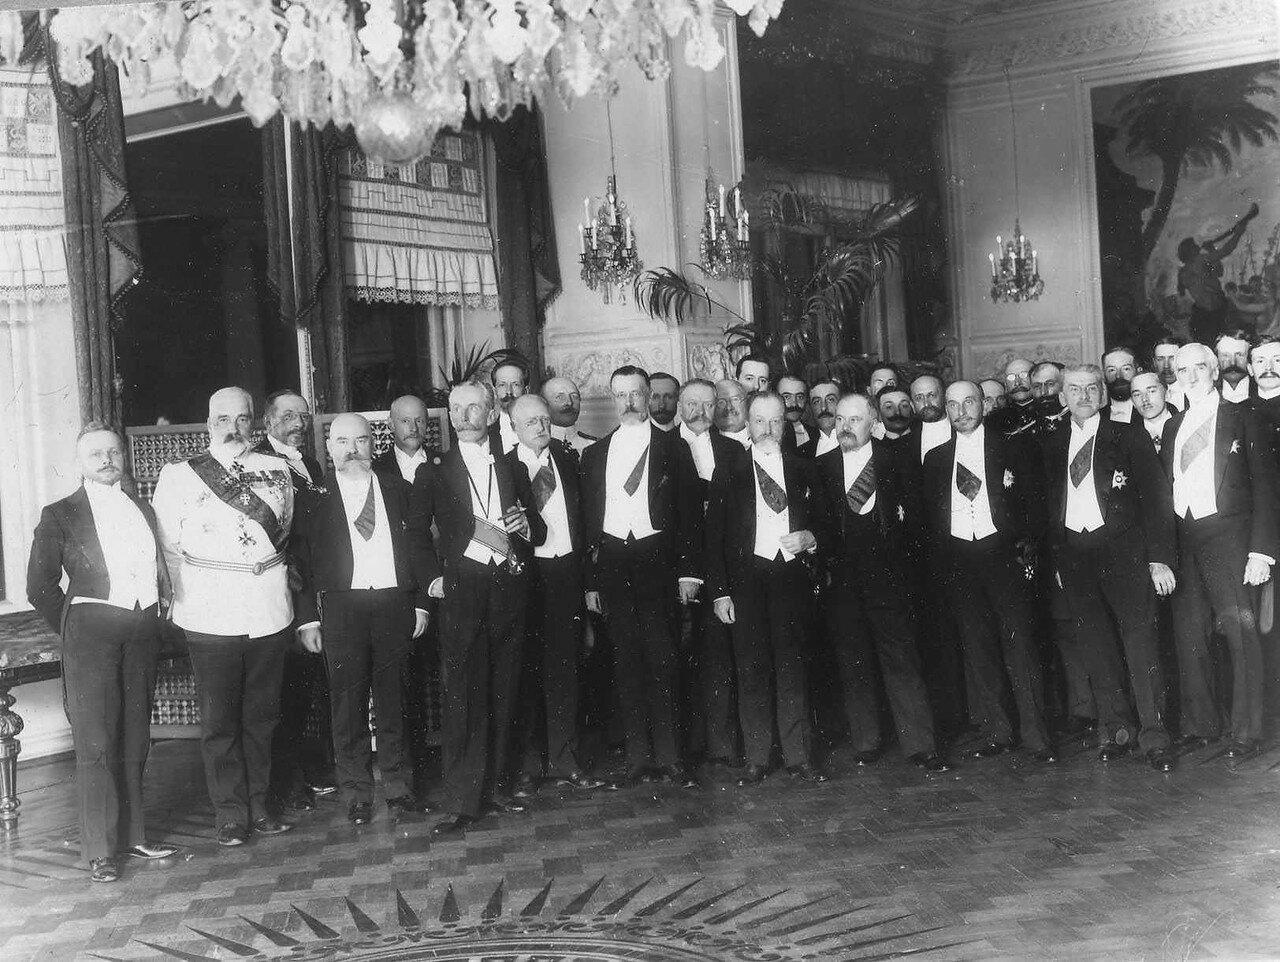 121. Президент Французской республики Пуанкаре Раймон и сопровождающие его лица в ресторане Кюба